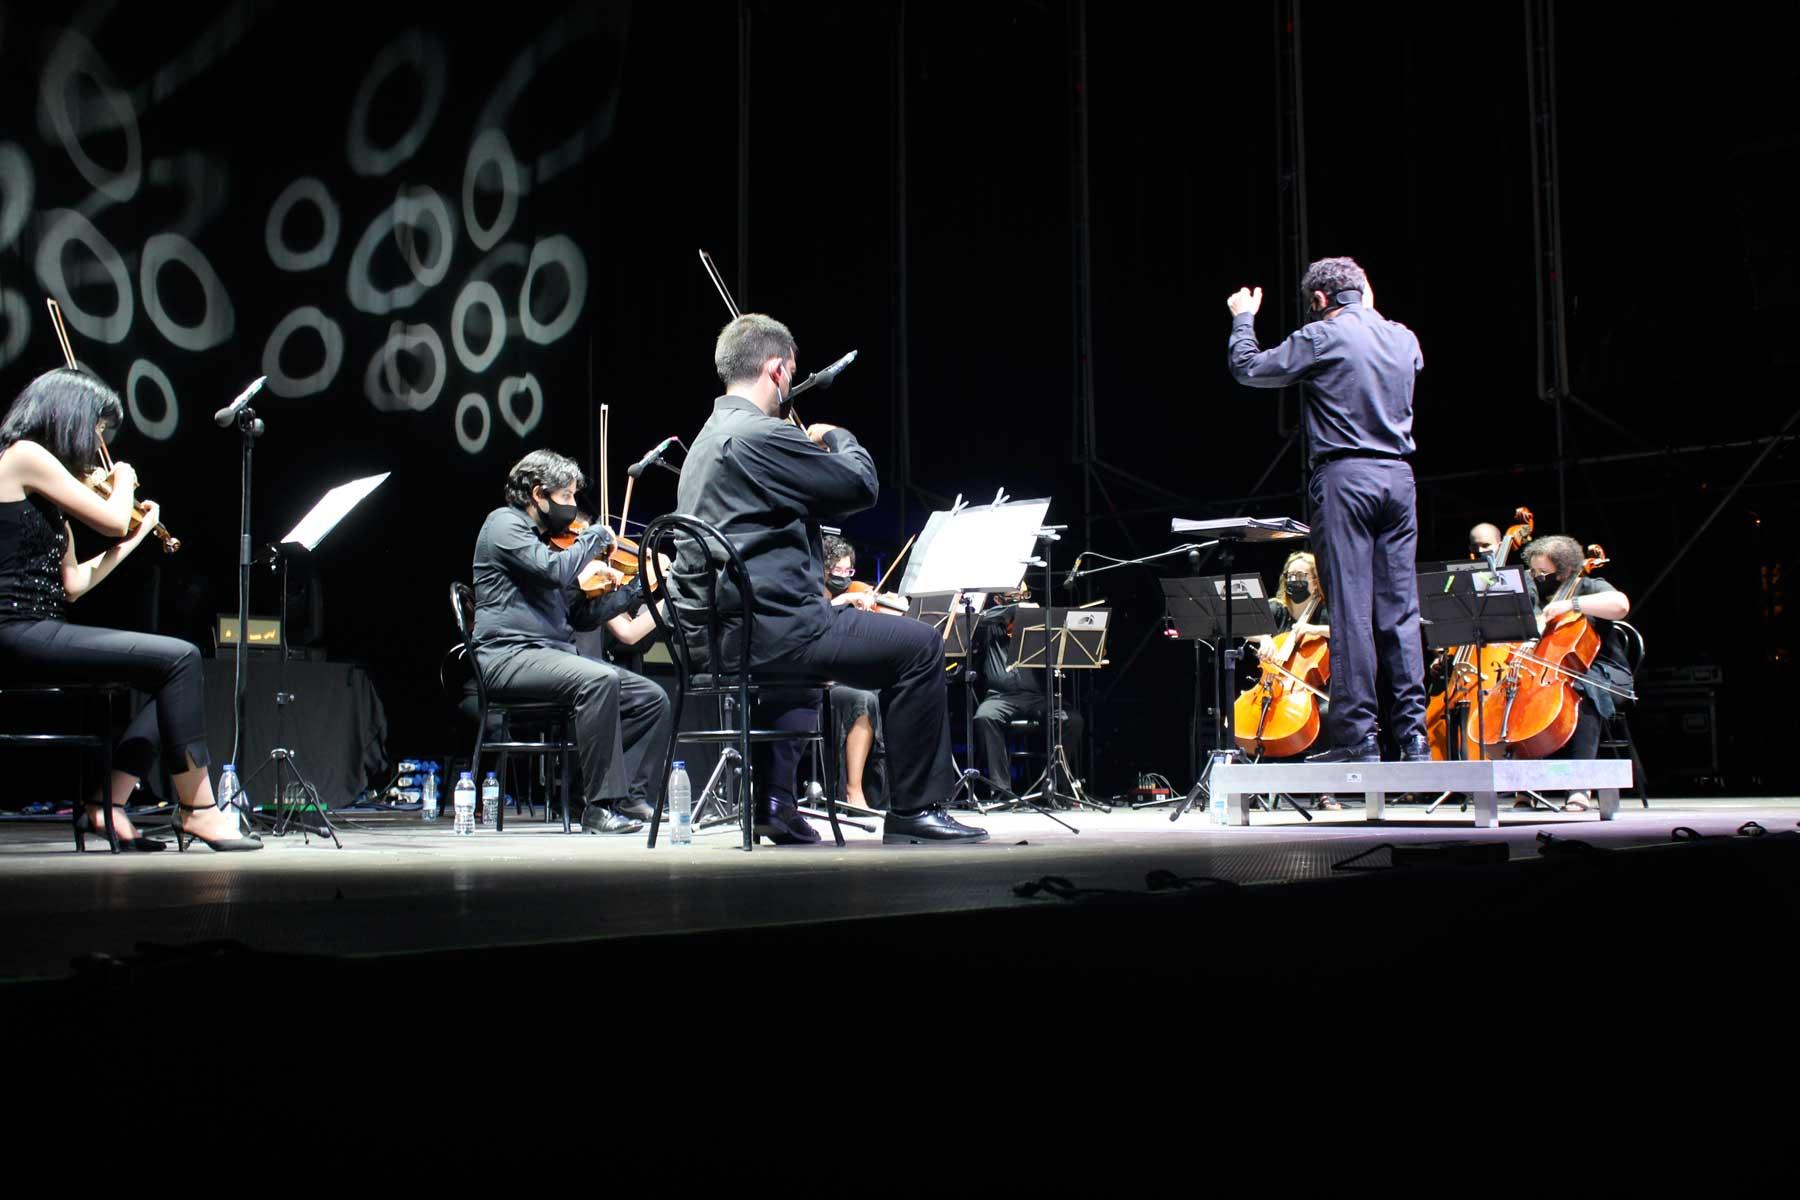 Alrededor de 300 personas acudieron al encuentro, a cargo de la Orquesta Filarmónica de La Mancha